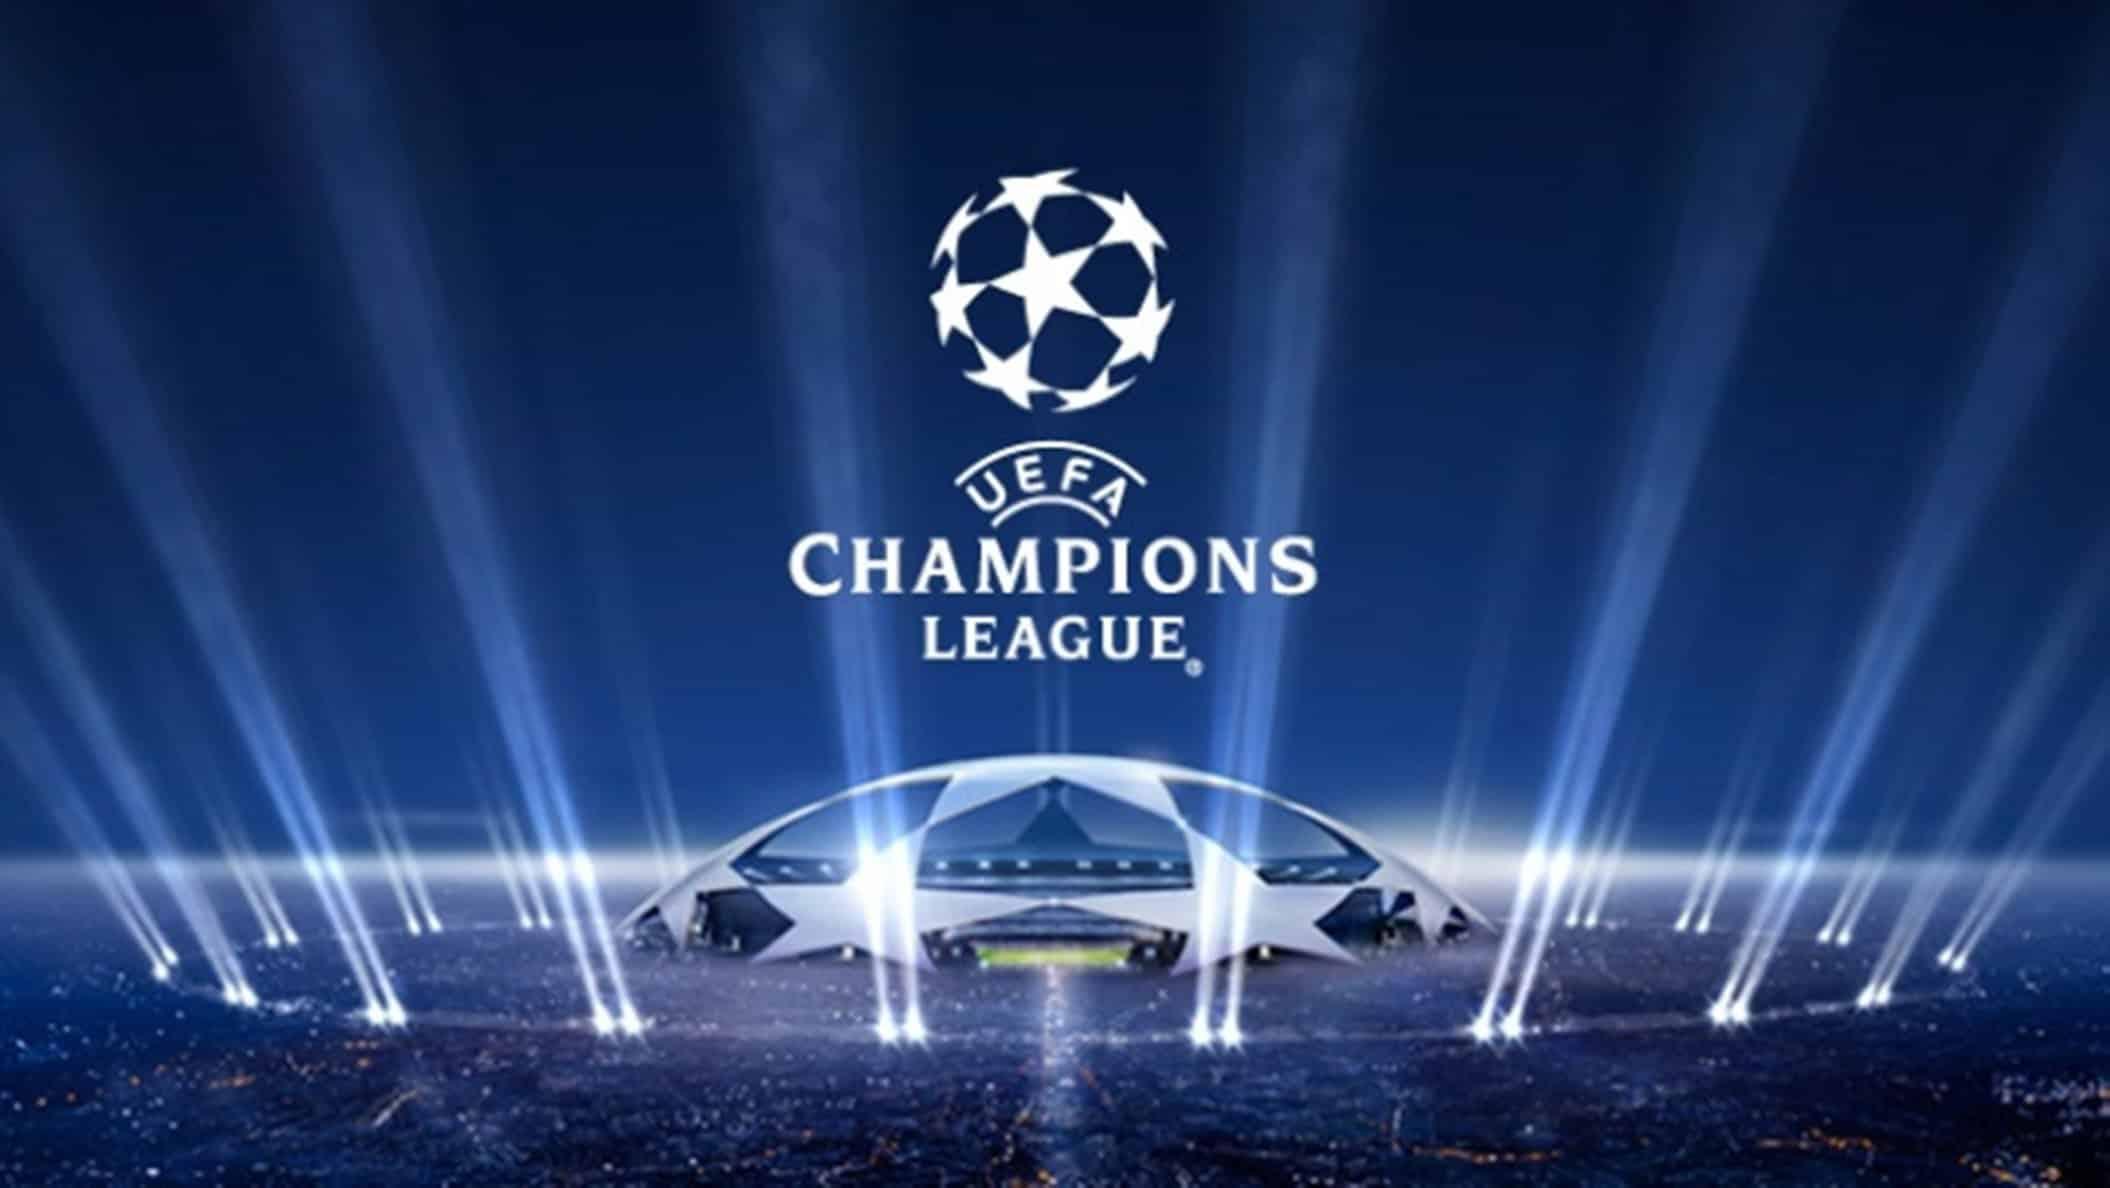 Chi vincerà la Champions League? Le quote dei migliori bookmakers italiani